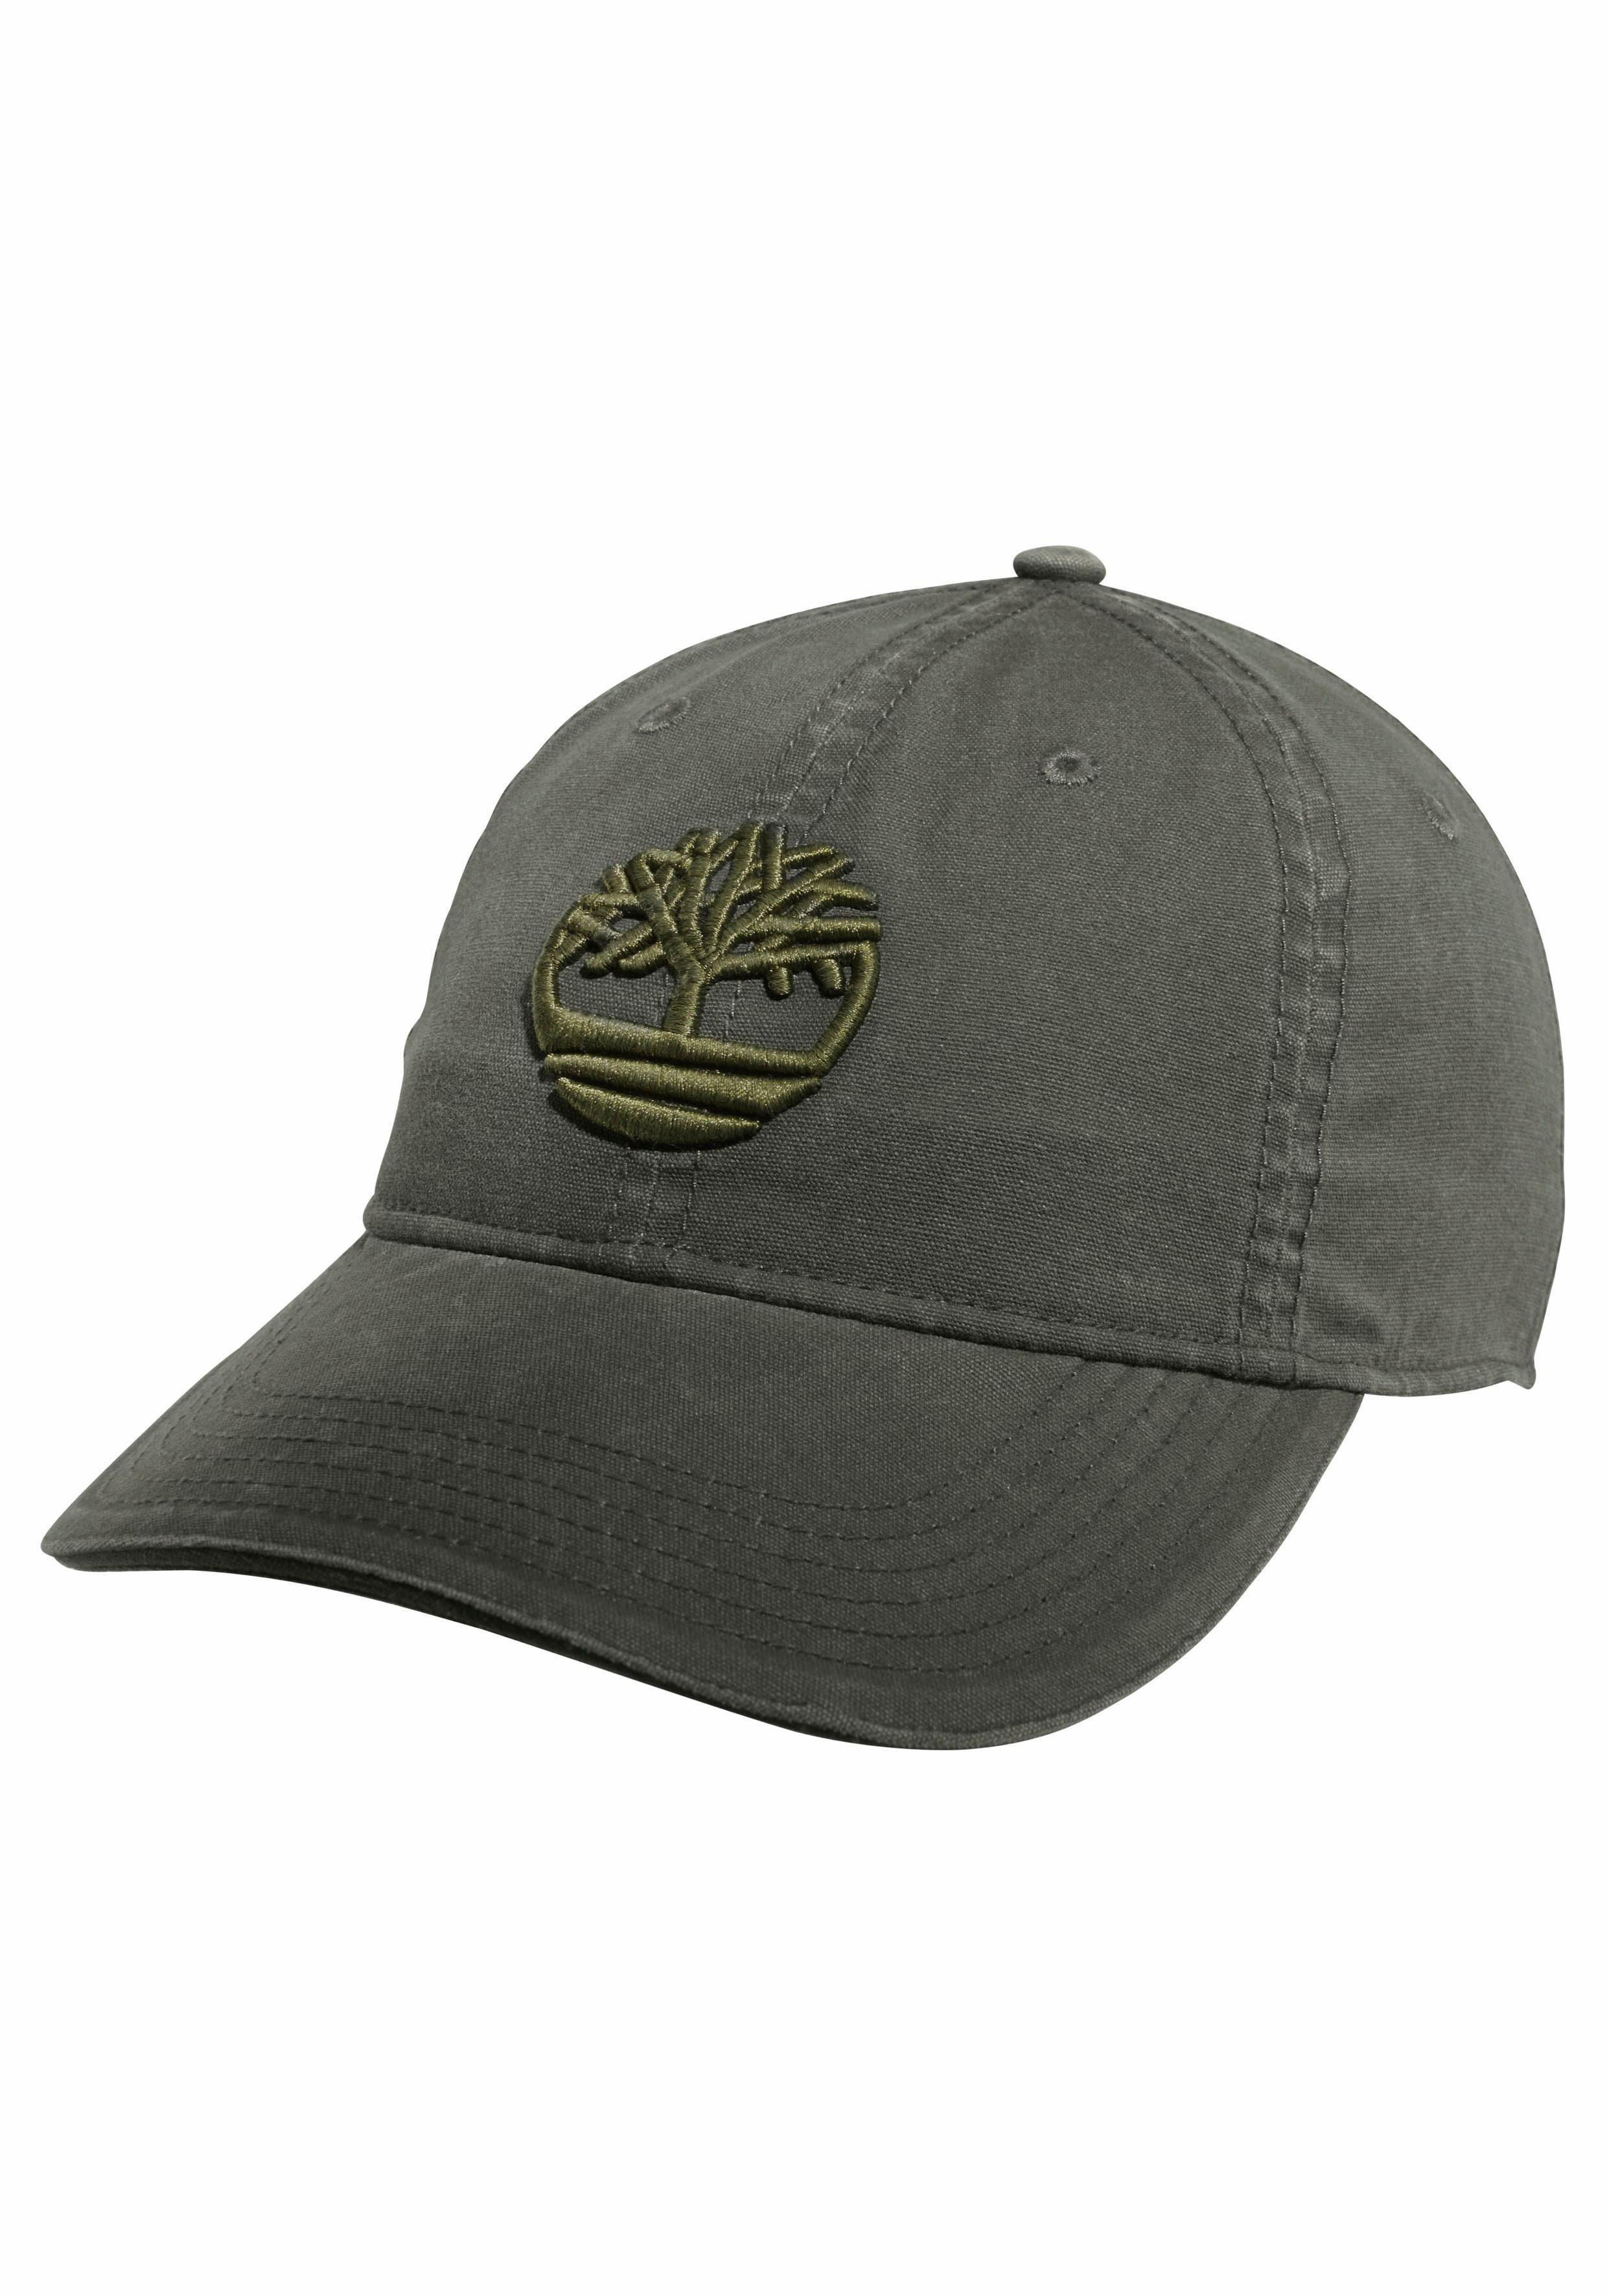 Timberland Flex Cap